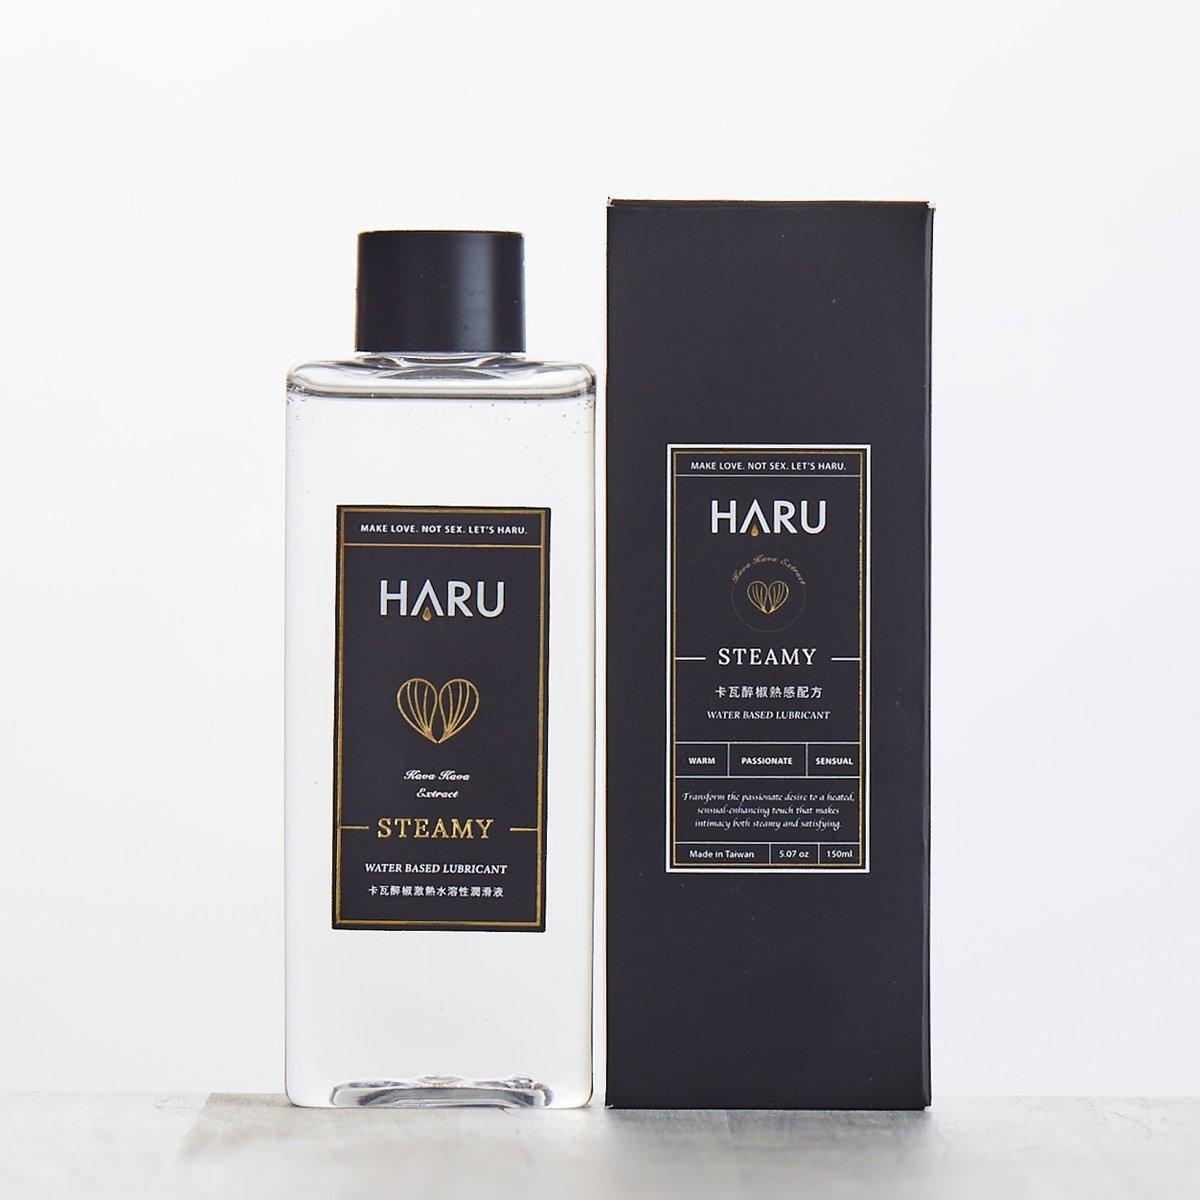 HARU|STEAMY 卡瓦醉椒激熱潤滑液